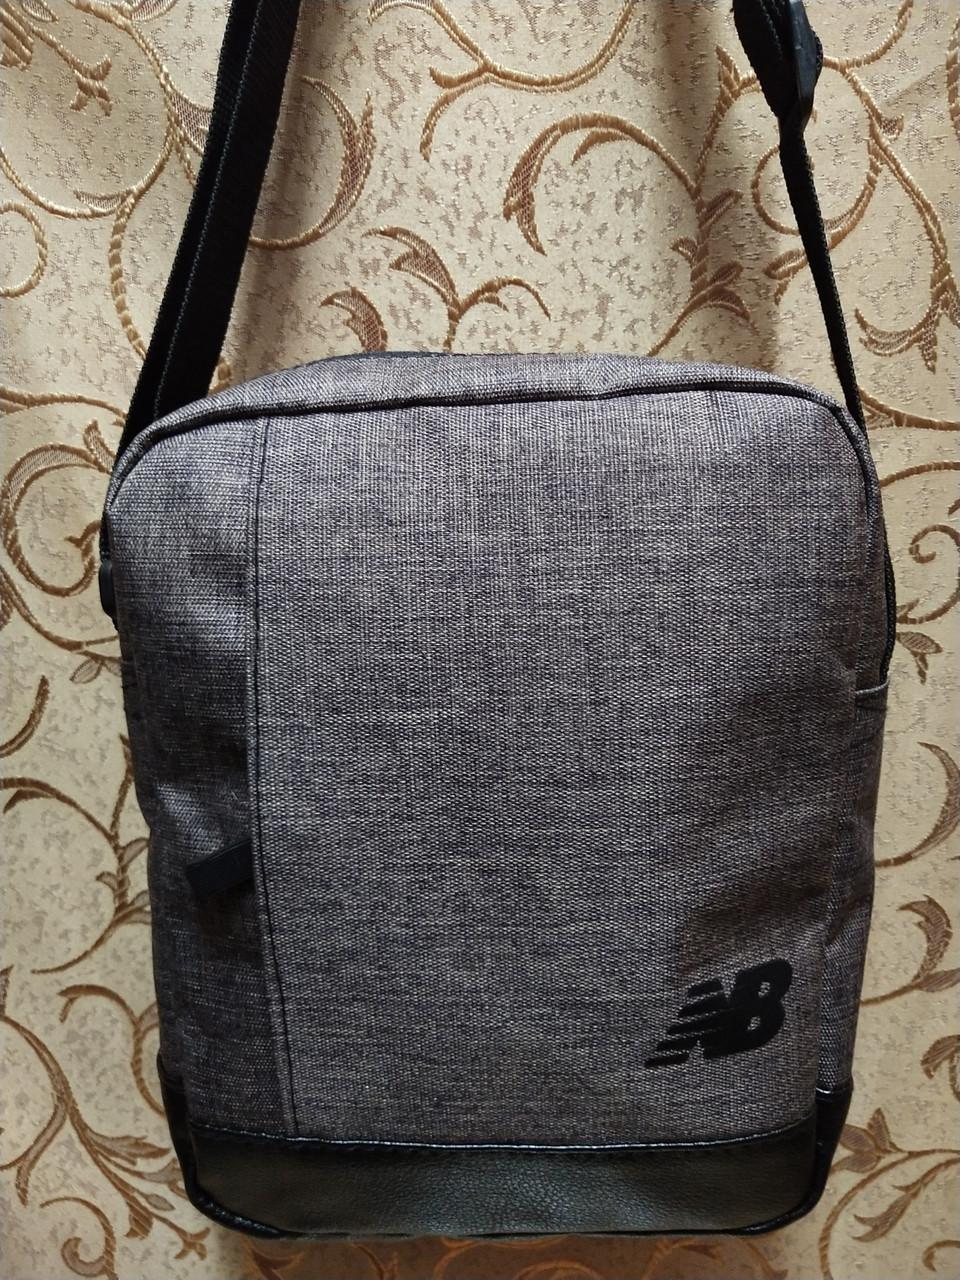 55d936fb1eaa Спортивные барсетка NB мессенджер с искусств кожа сумка для через только  оптом, фото 1